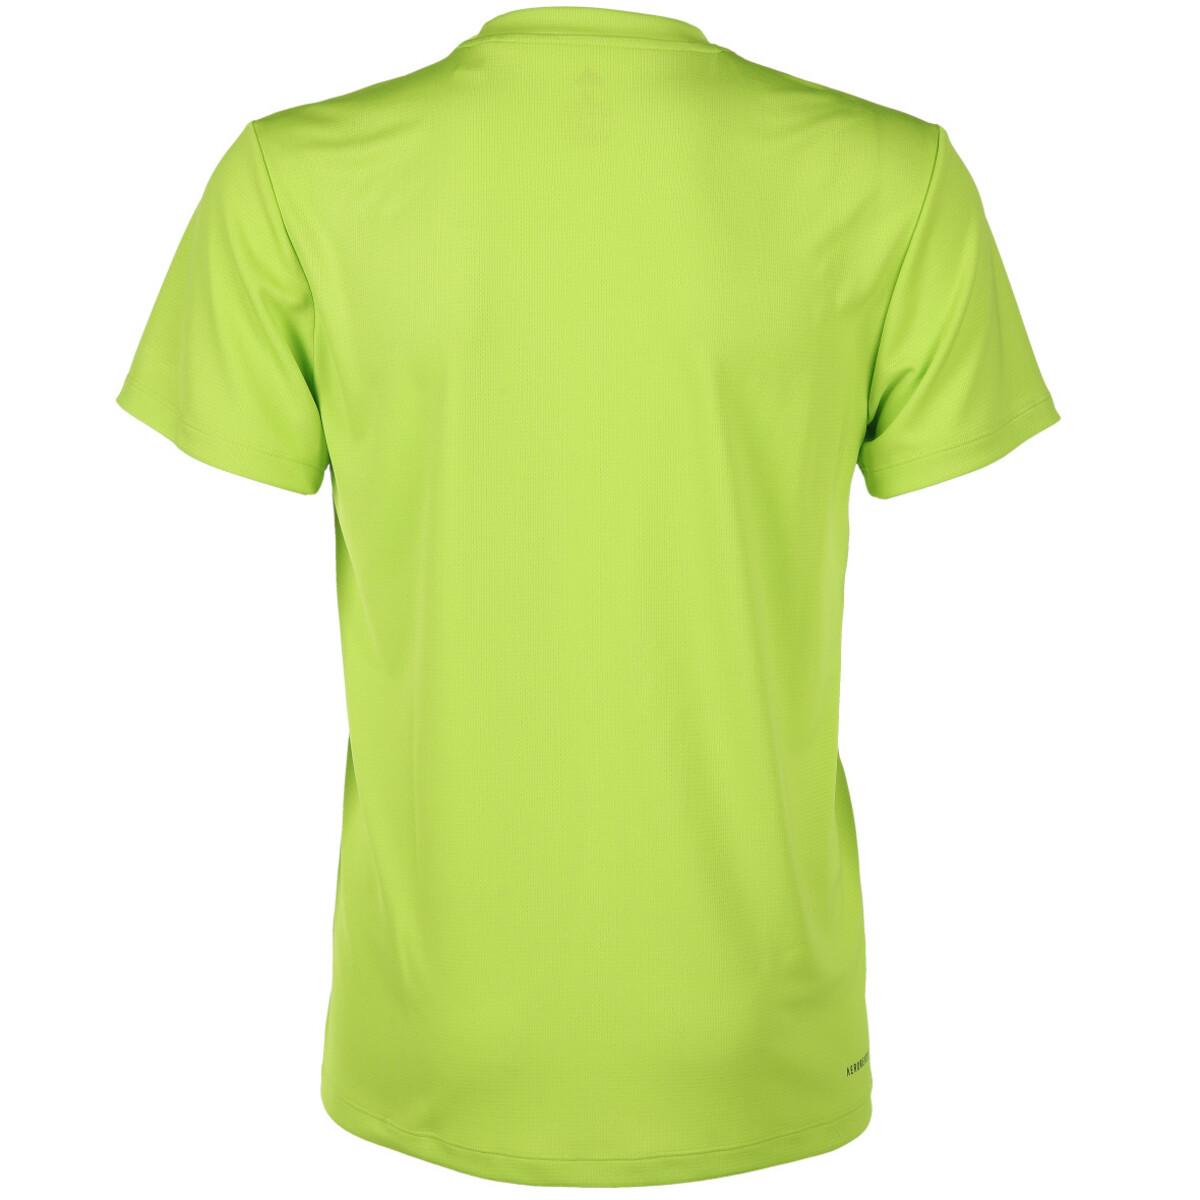 Bild 2 von Herren 3-Streifen Sportshirt AEROREADY